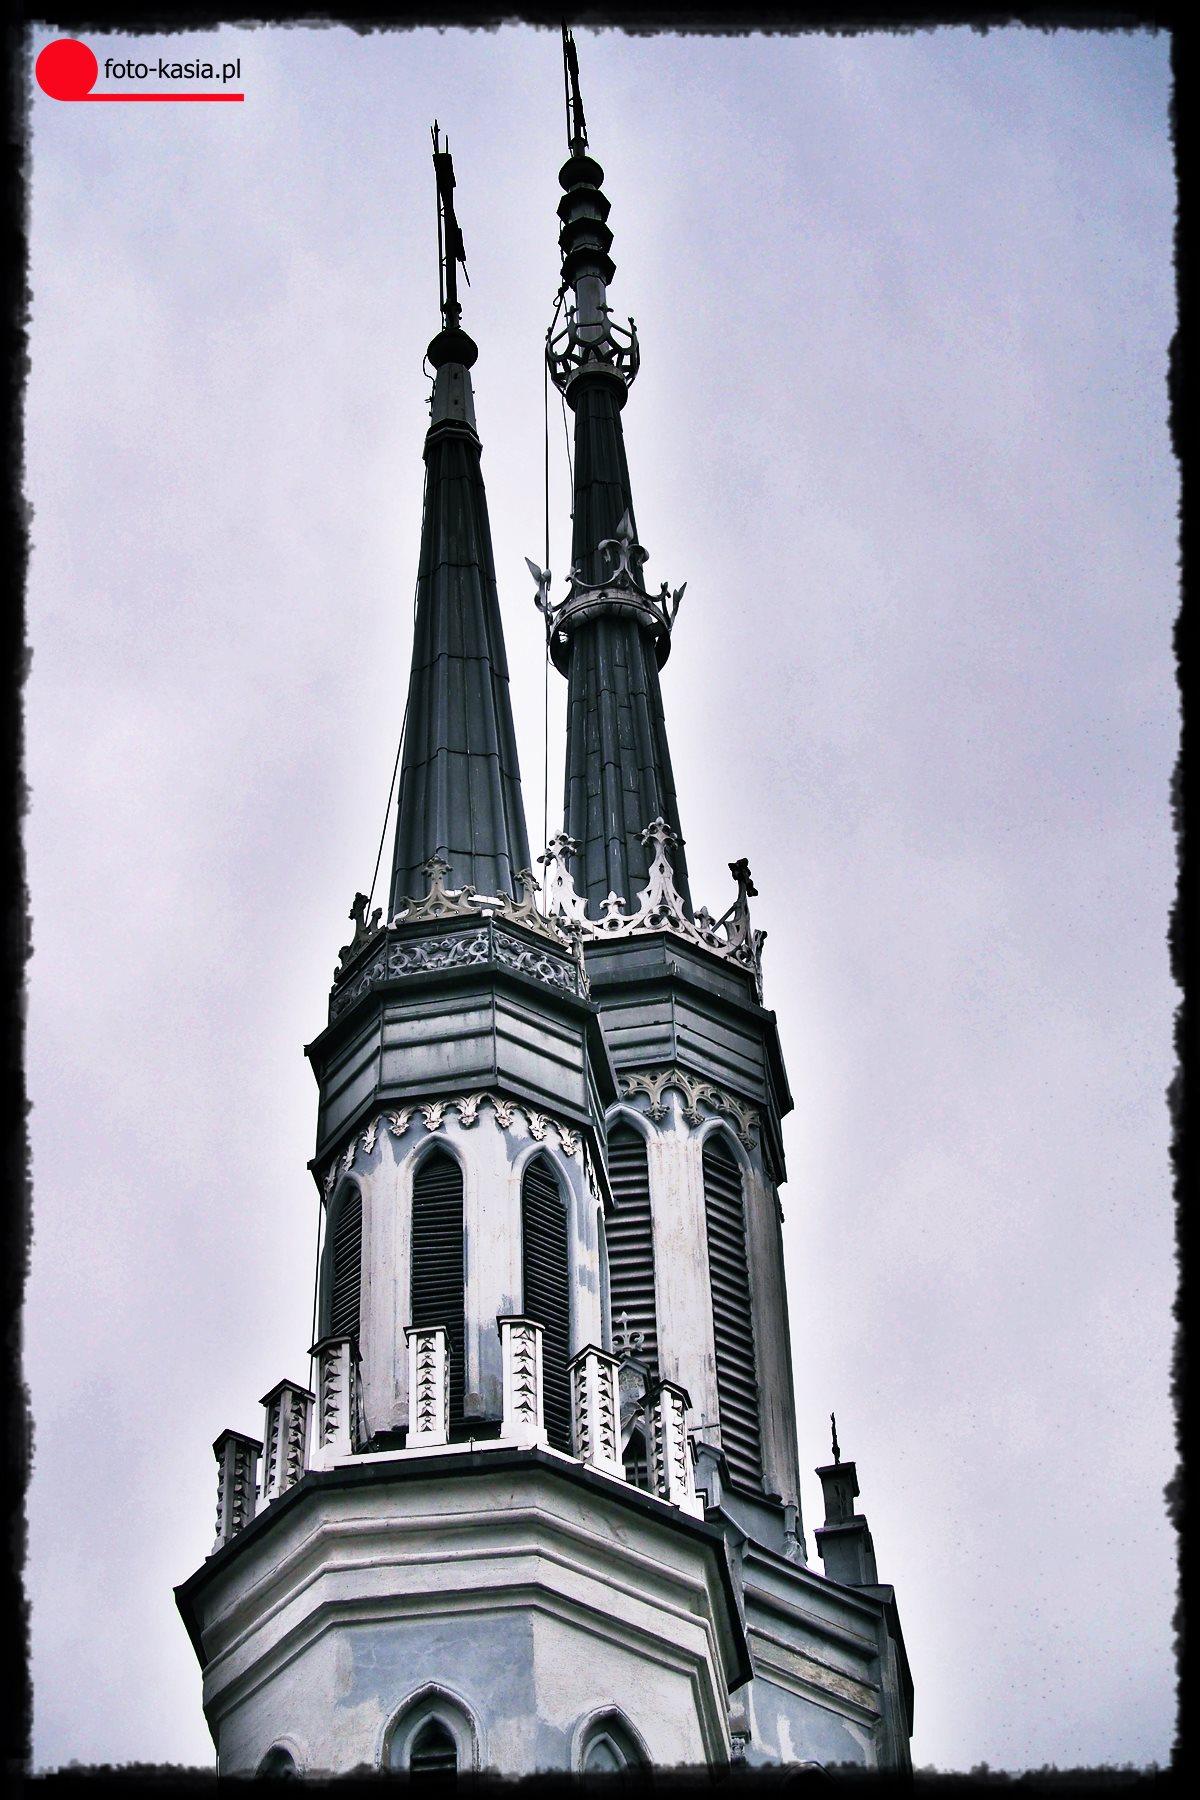 Wieża kościoła starokatolickiego Mariawitów zbudowany w latach 1911-1914